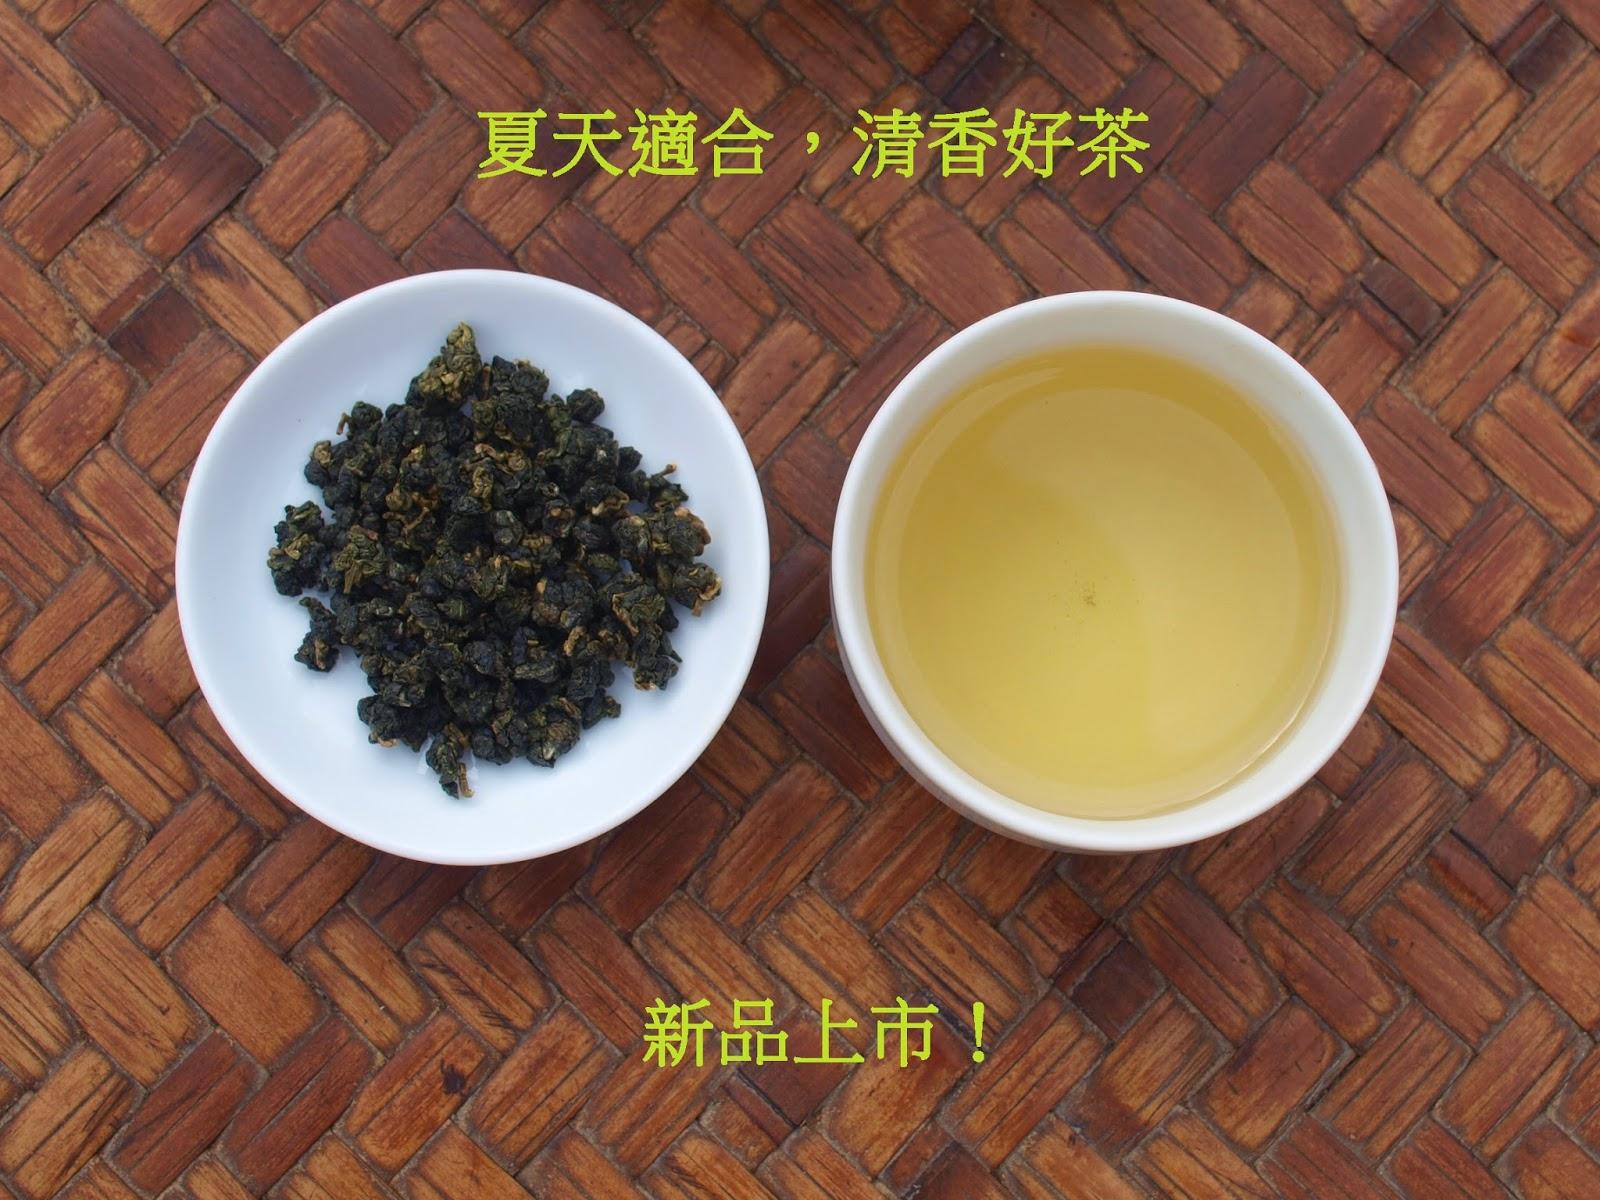 清香 高山烏龍茶